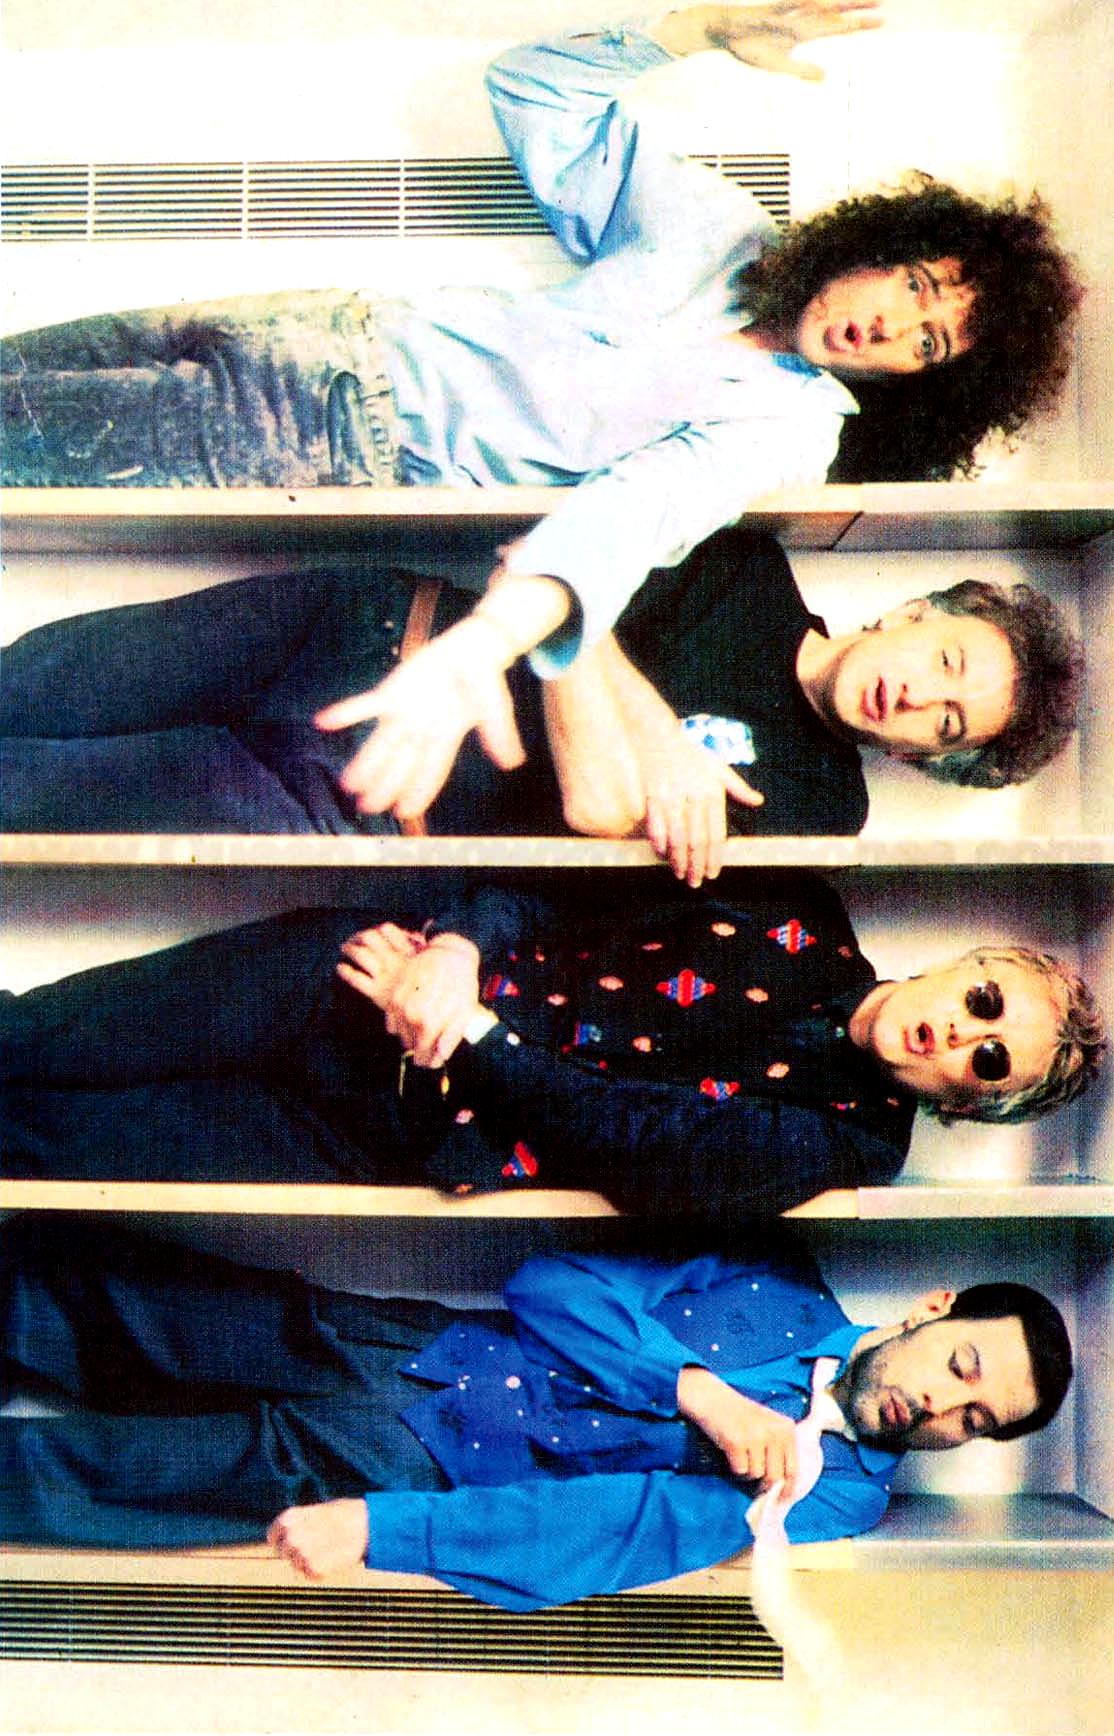 Innuendo ha come traccia Headlong, qui la foto promozionale, coi membri del gruppo messi in uno scaffale.